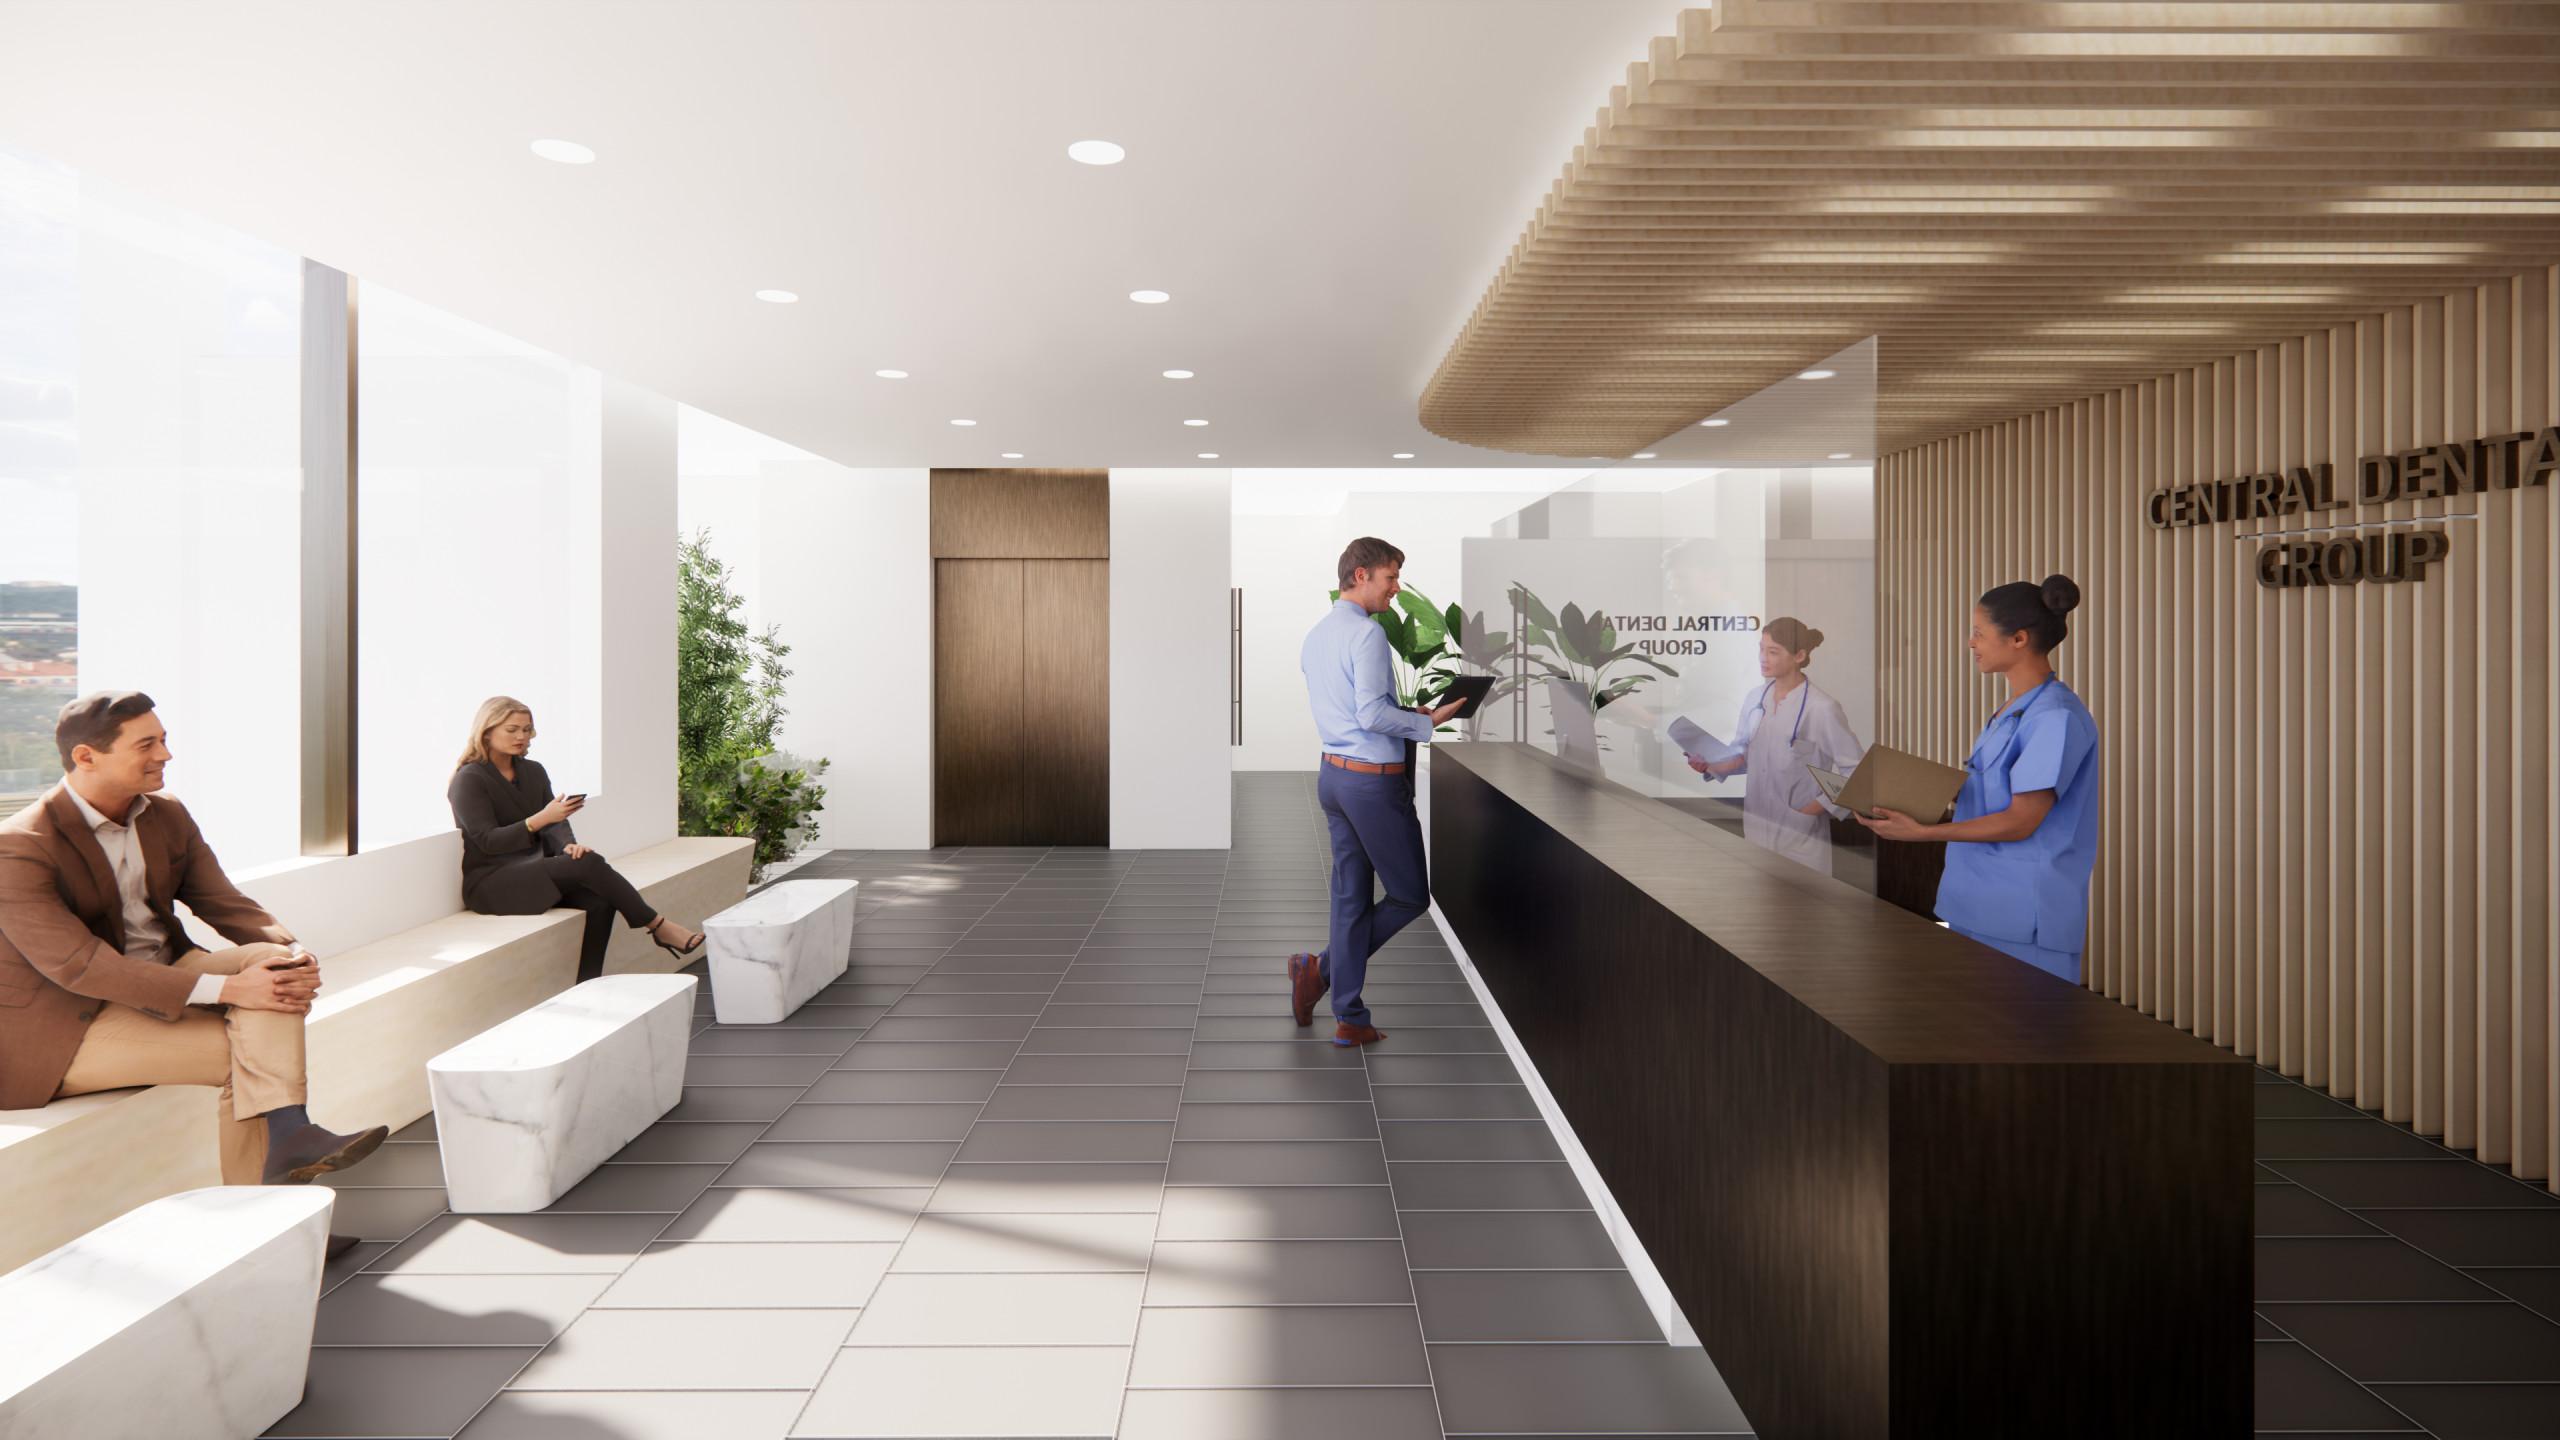 Modern Interior - Dental Clinic CDG